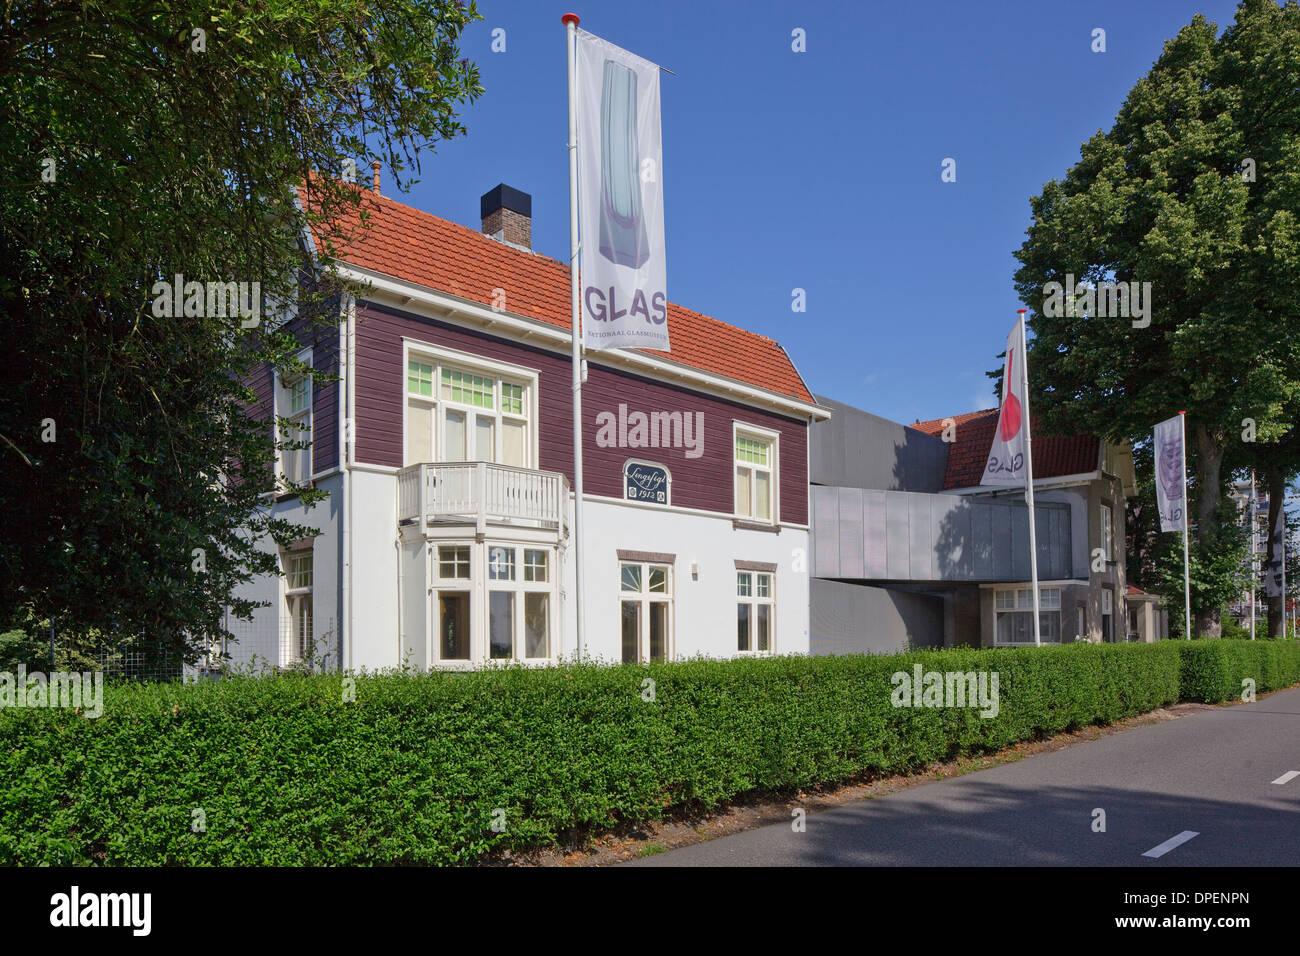 Bureau sla stock photos & bureau sla stock images alamy